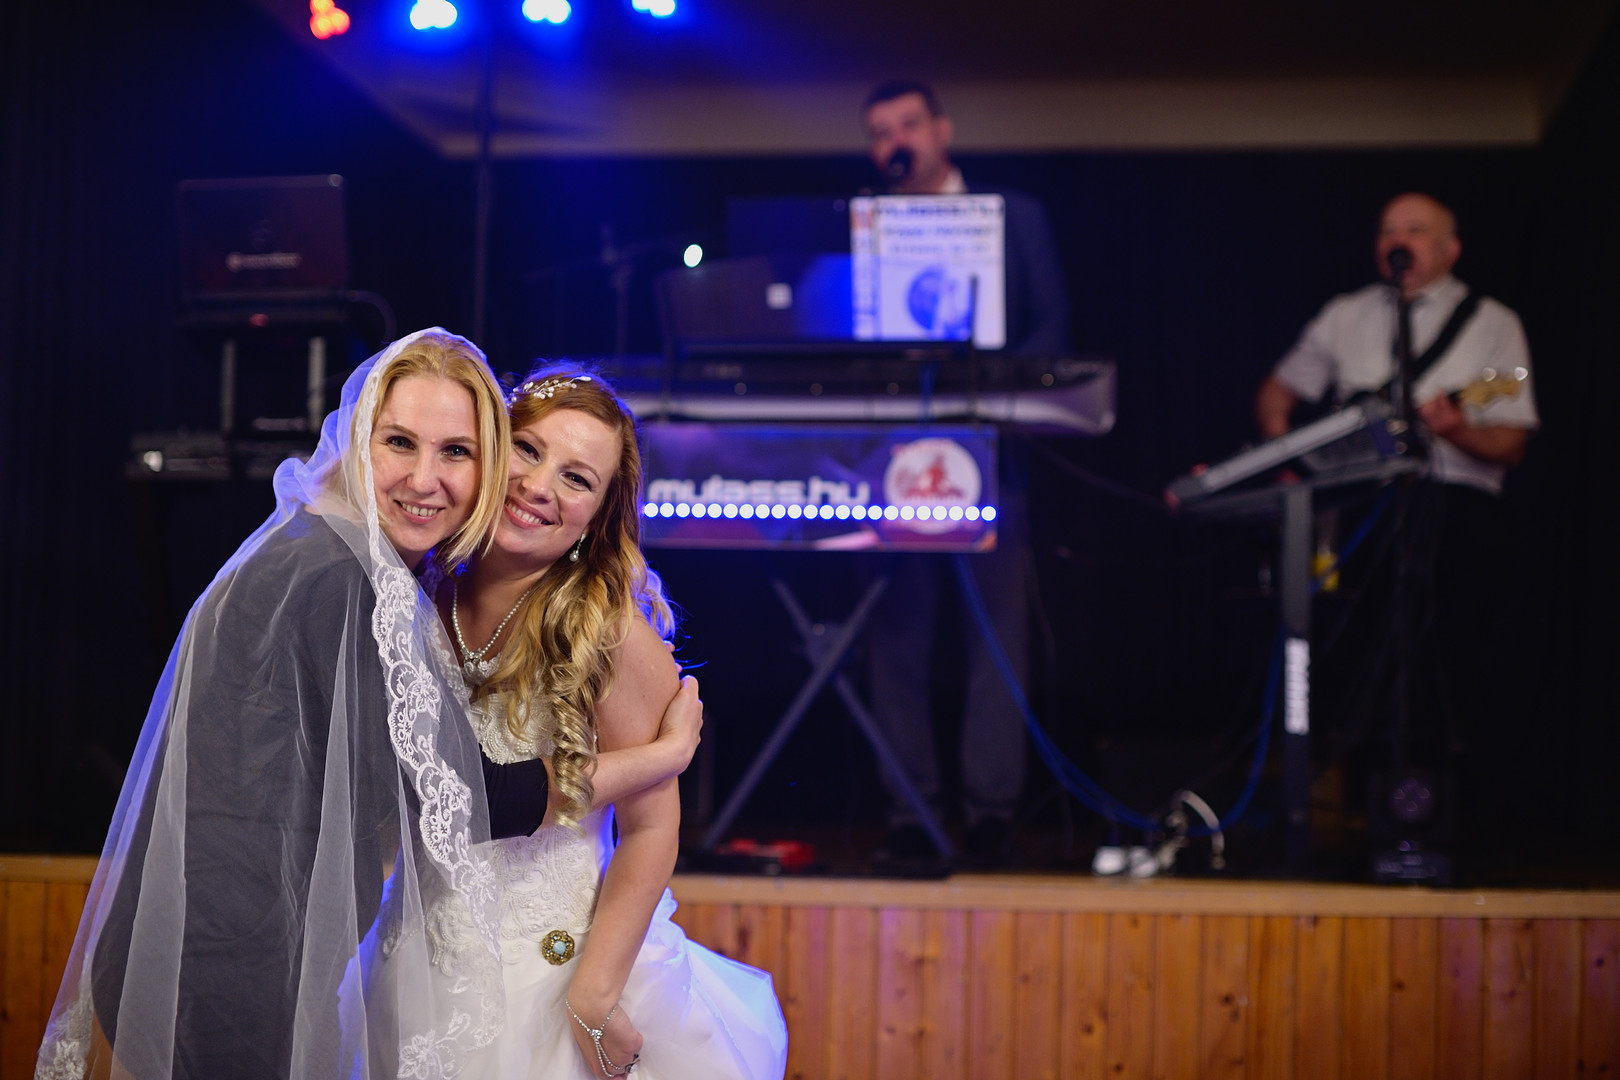 694  Esküvői fotózás - Enikő és Peti Bul